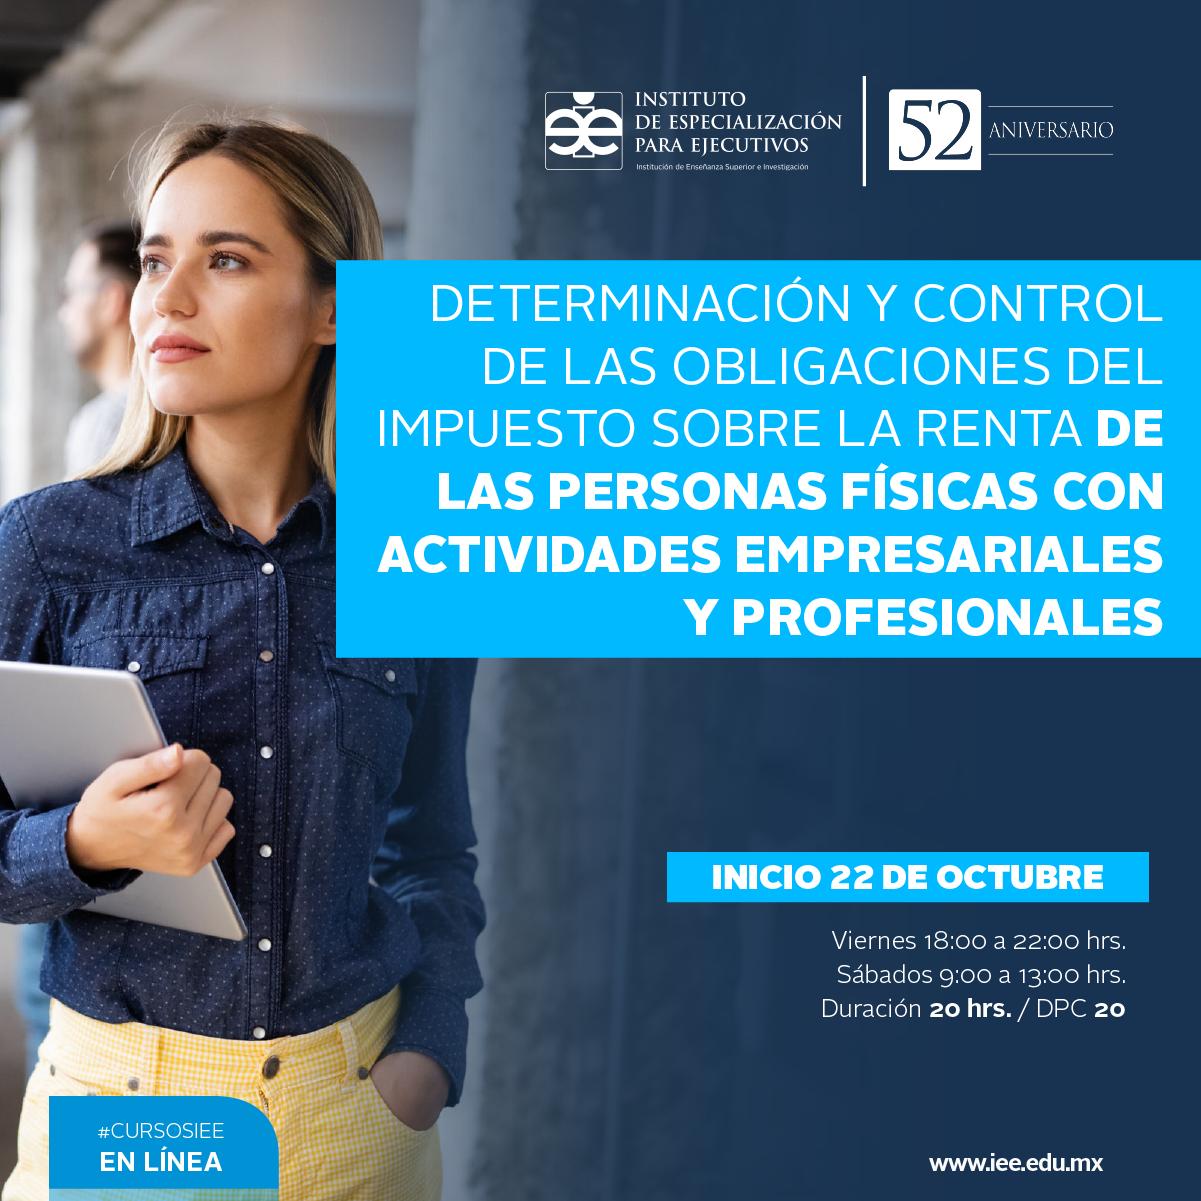 Curso en Línea en Determinación y Control de las Obligaciones del Impuesto Sobre la Renta de las Personas Físicas con Actividades Empresariales y Profesionales